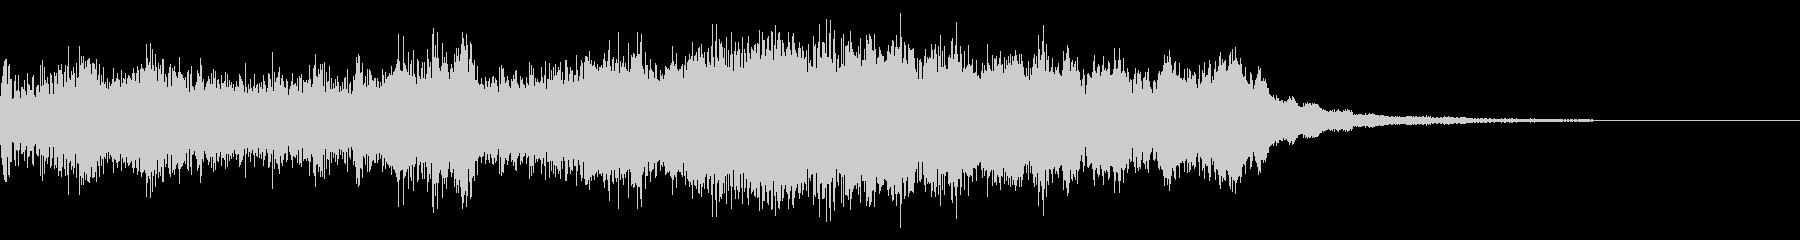 オーケストラと電子音のジングルBの未再生の波形